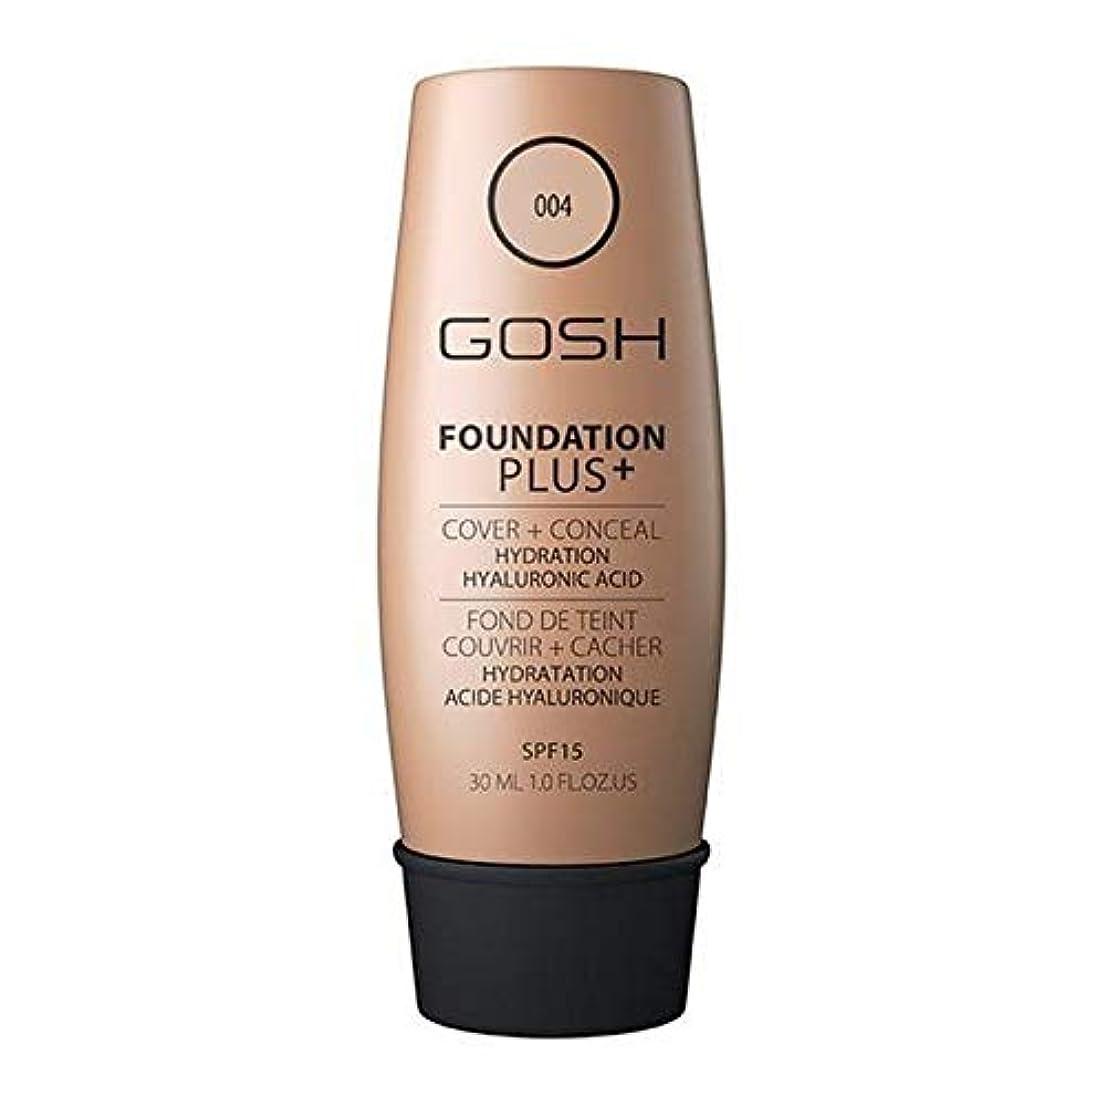 アジア人ロマンチック目指す[GOSH ] おやっ基盤プラス+ナチュラル004 - Gosh Foundation Plus+ Natural 004 [並行輸入品]